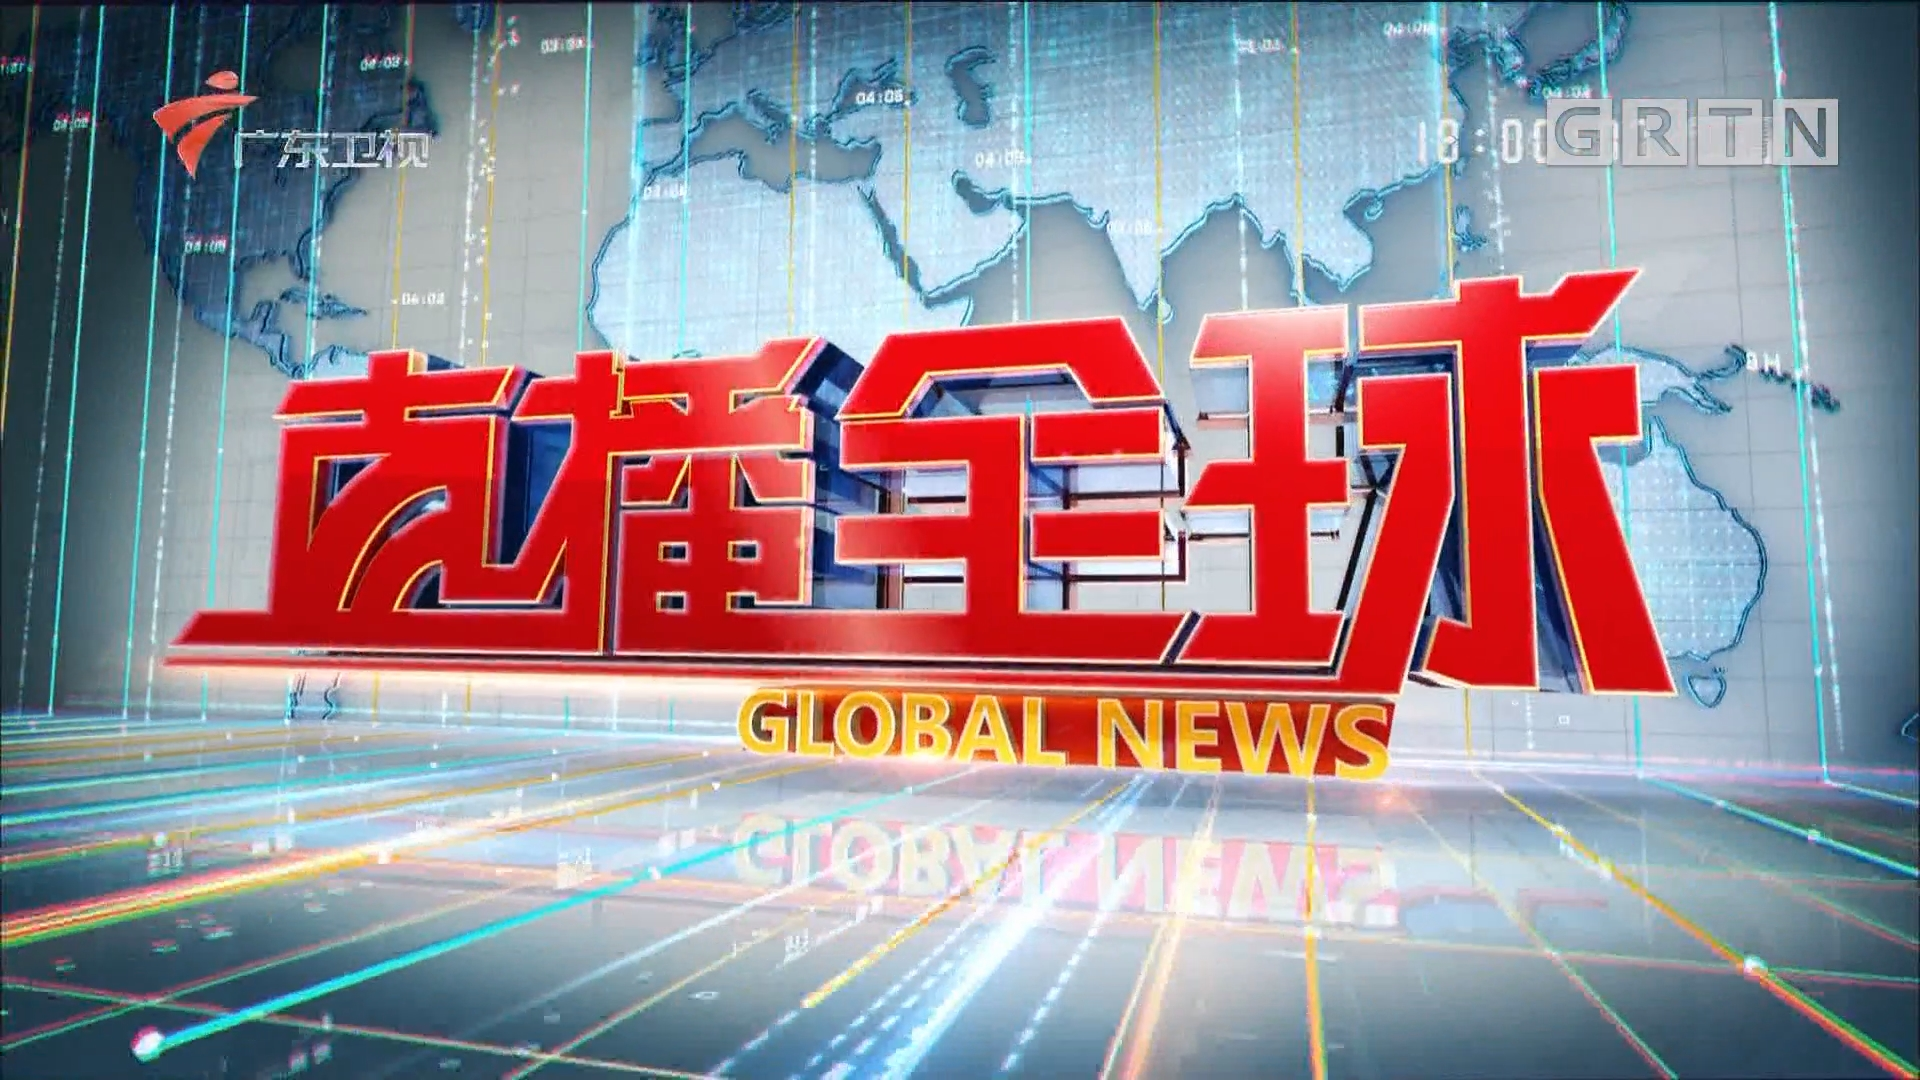 [HD][2018-11-30]直播全球:G20峰会今天开幕 各国首脑陆续抵达:专机故障 默克尔G20要迟到